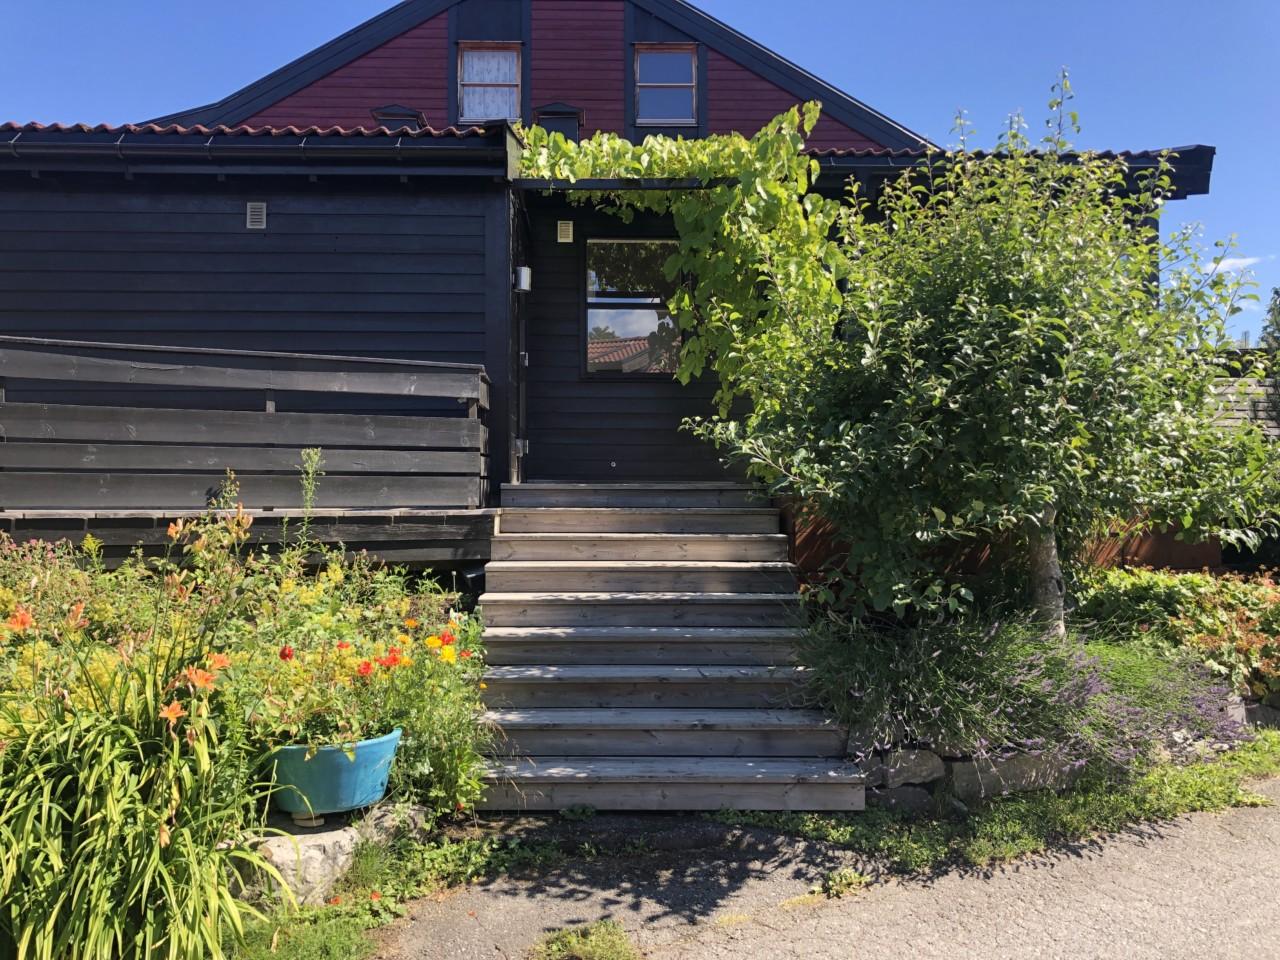 nye-green-house-inngang-vindruer-nesodden-blaabaerstien